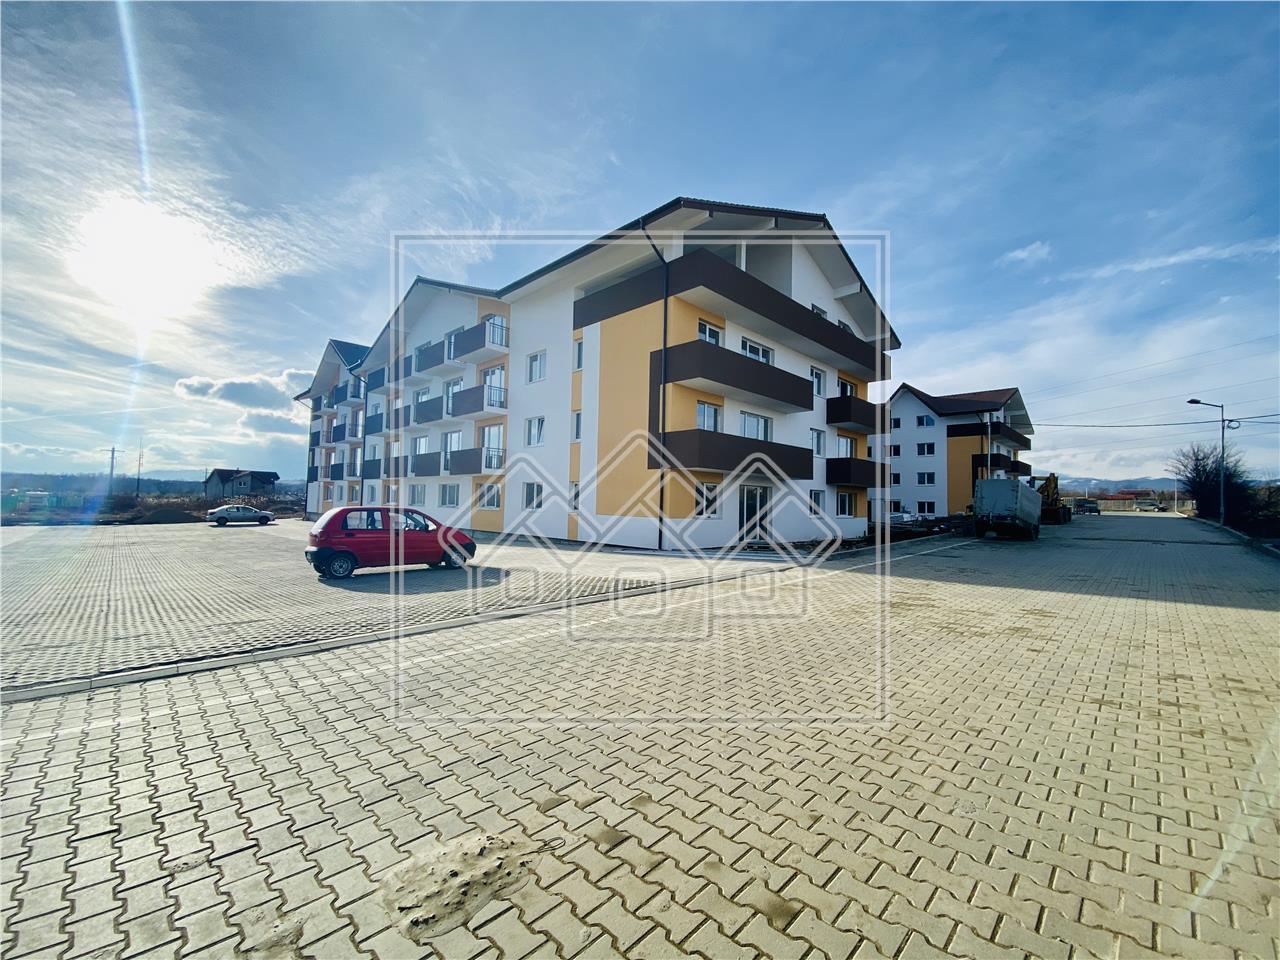 2 Zimmer Wohnung kaufen in Sibiu